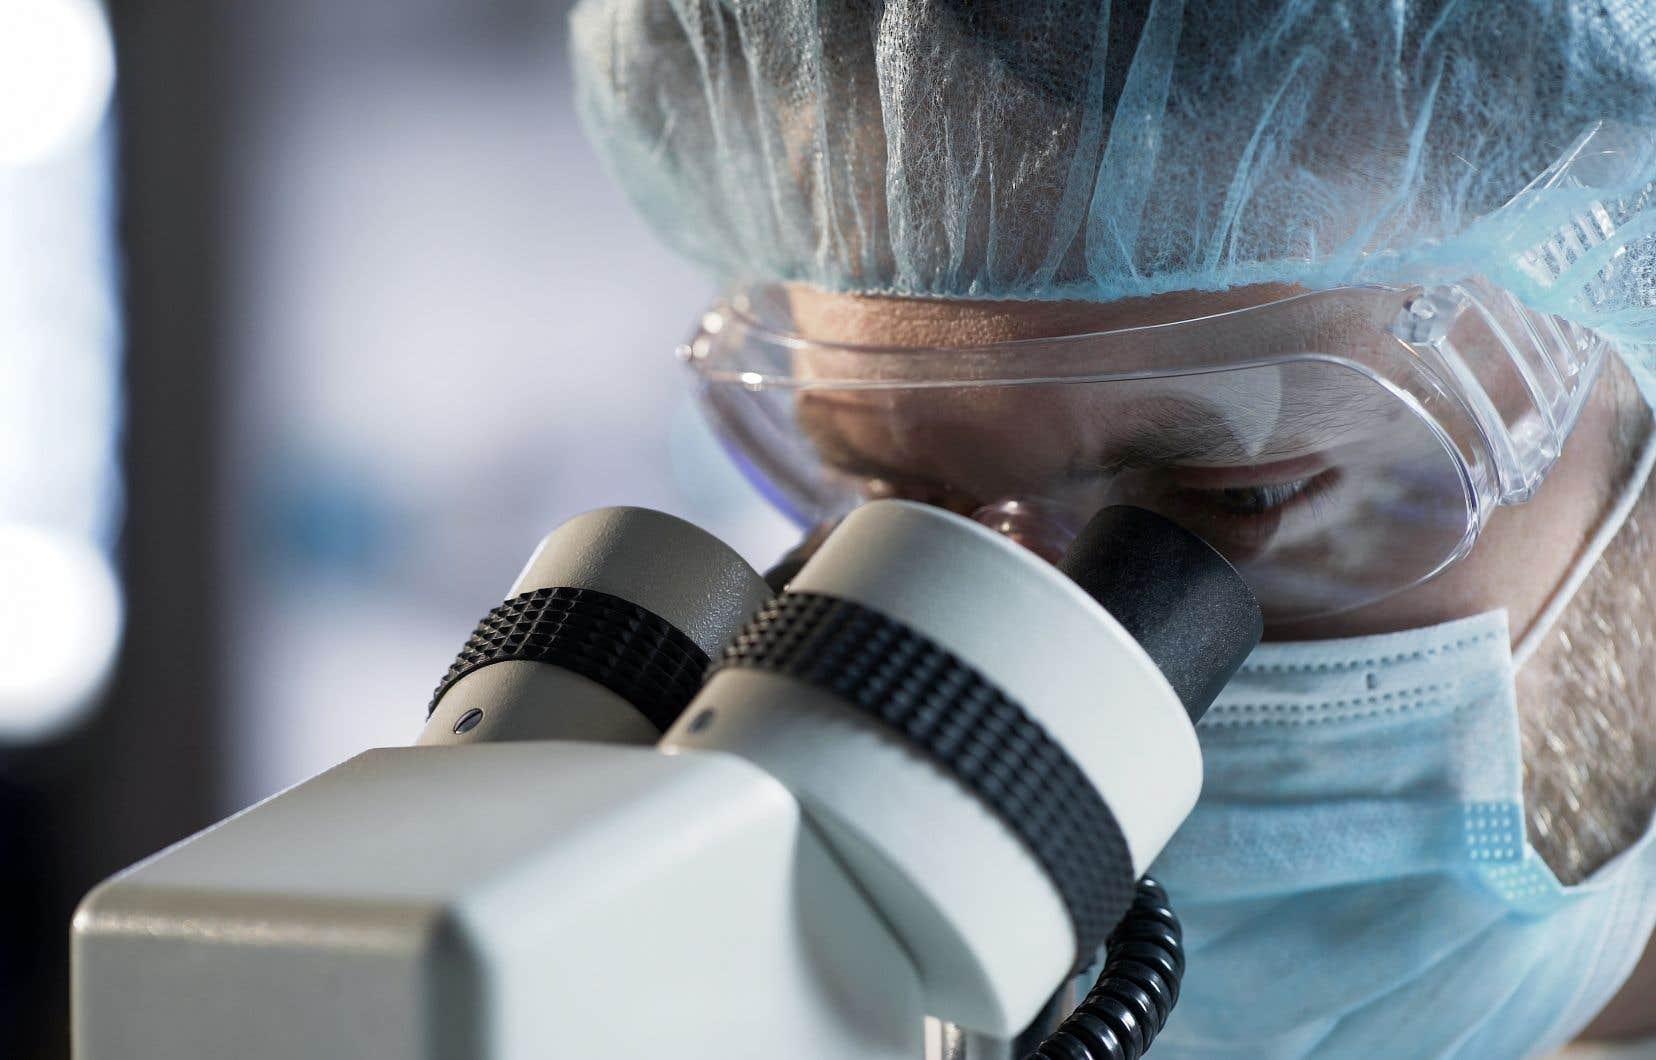 Les chercheurs ont réussi à reconstruire en laboratoire des morceaux de peau comportant un derme et un épiderme, et dont l'épaisseur était comparable à celle des prélèvements effectués sur le patient.